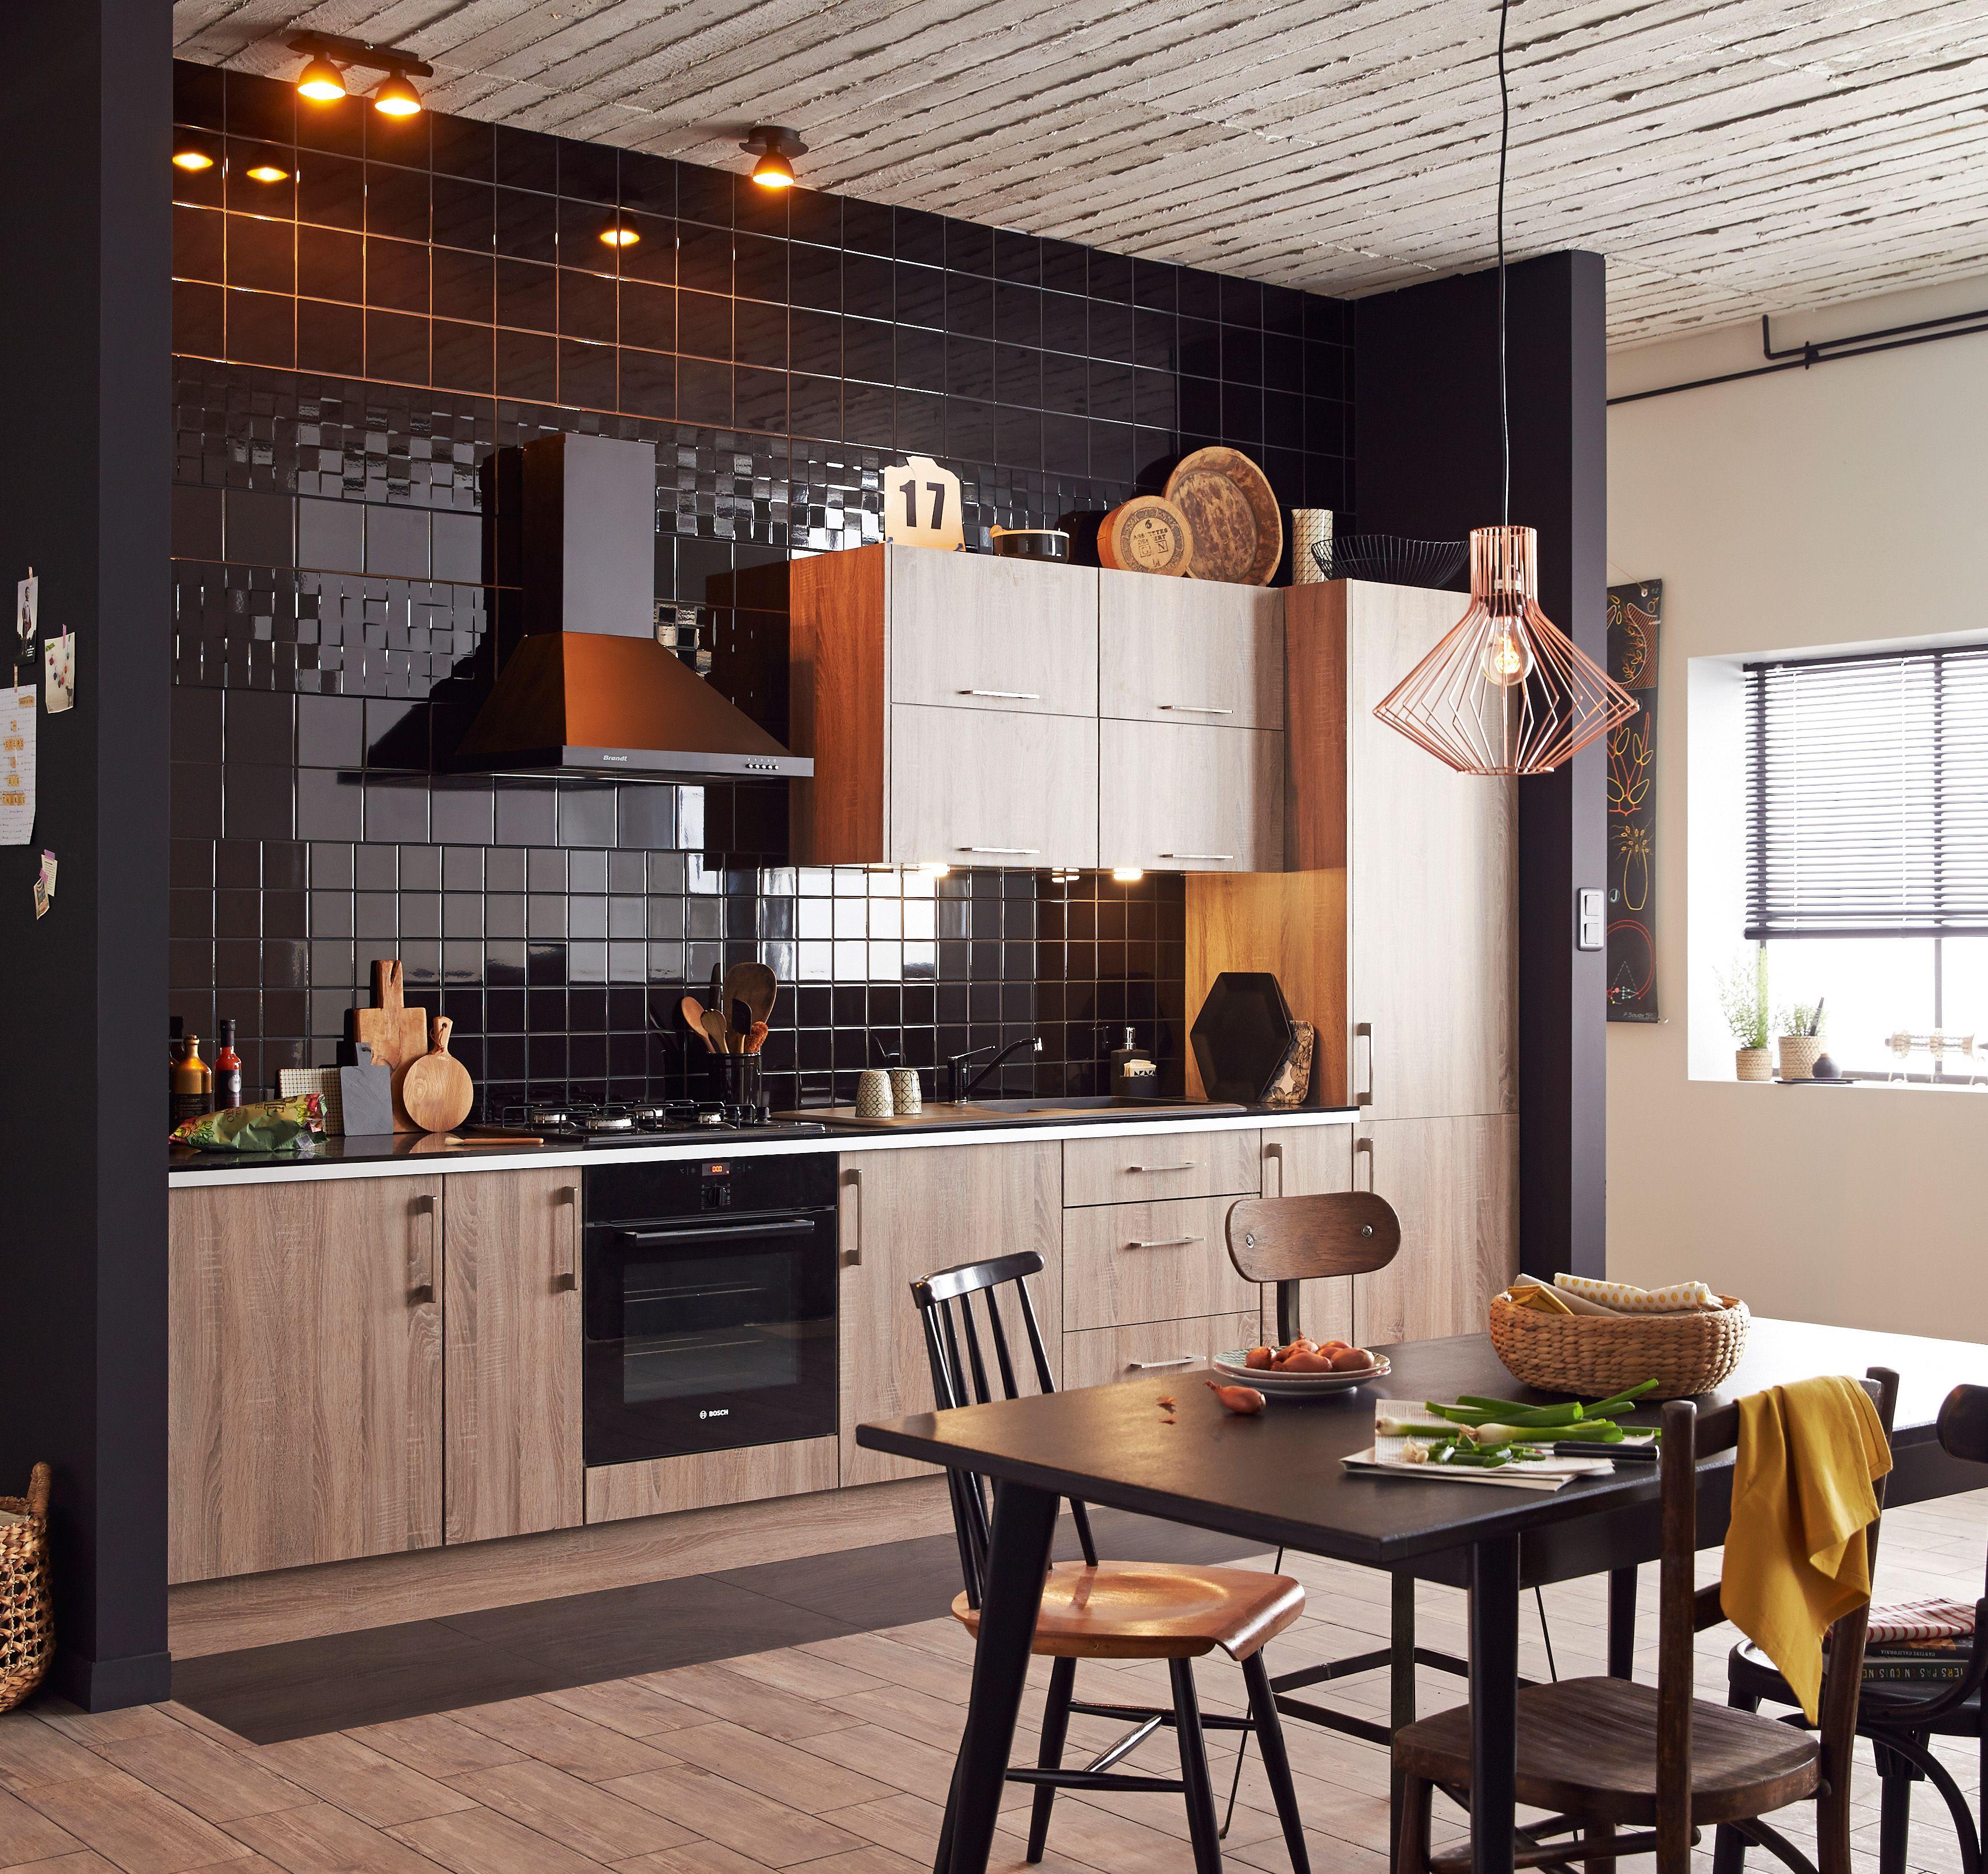 noir et bois la cuisine trois toiles cuisine cozinha pinterest cuisine kitchen dining